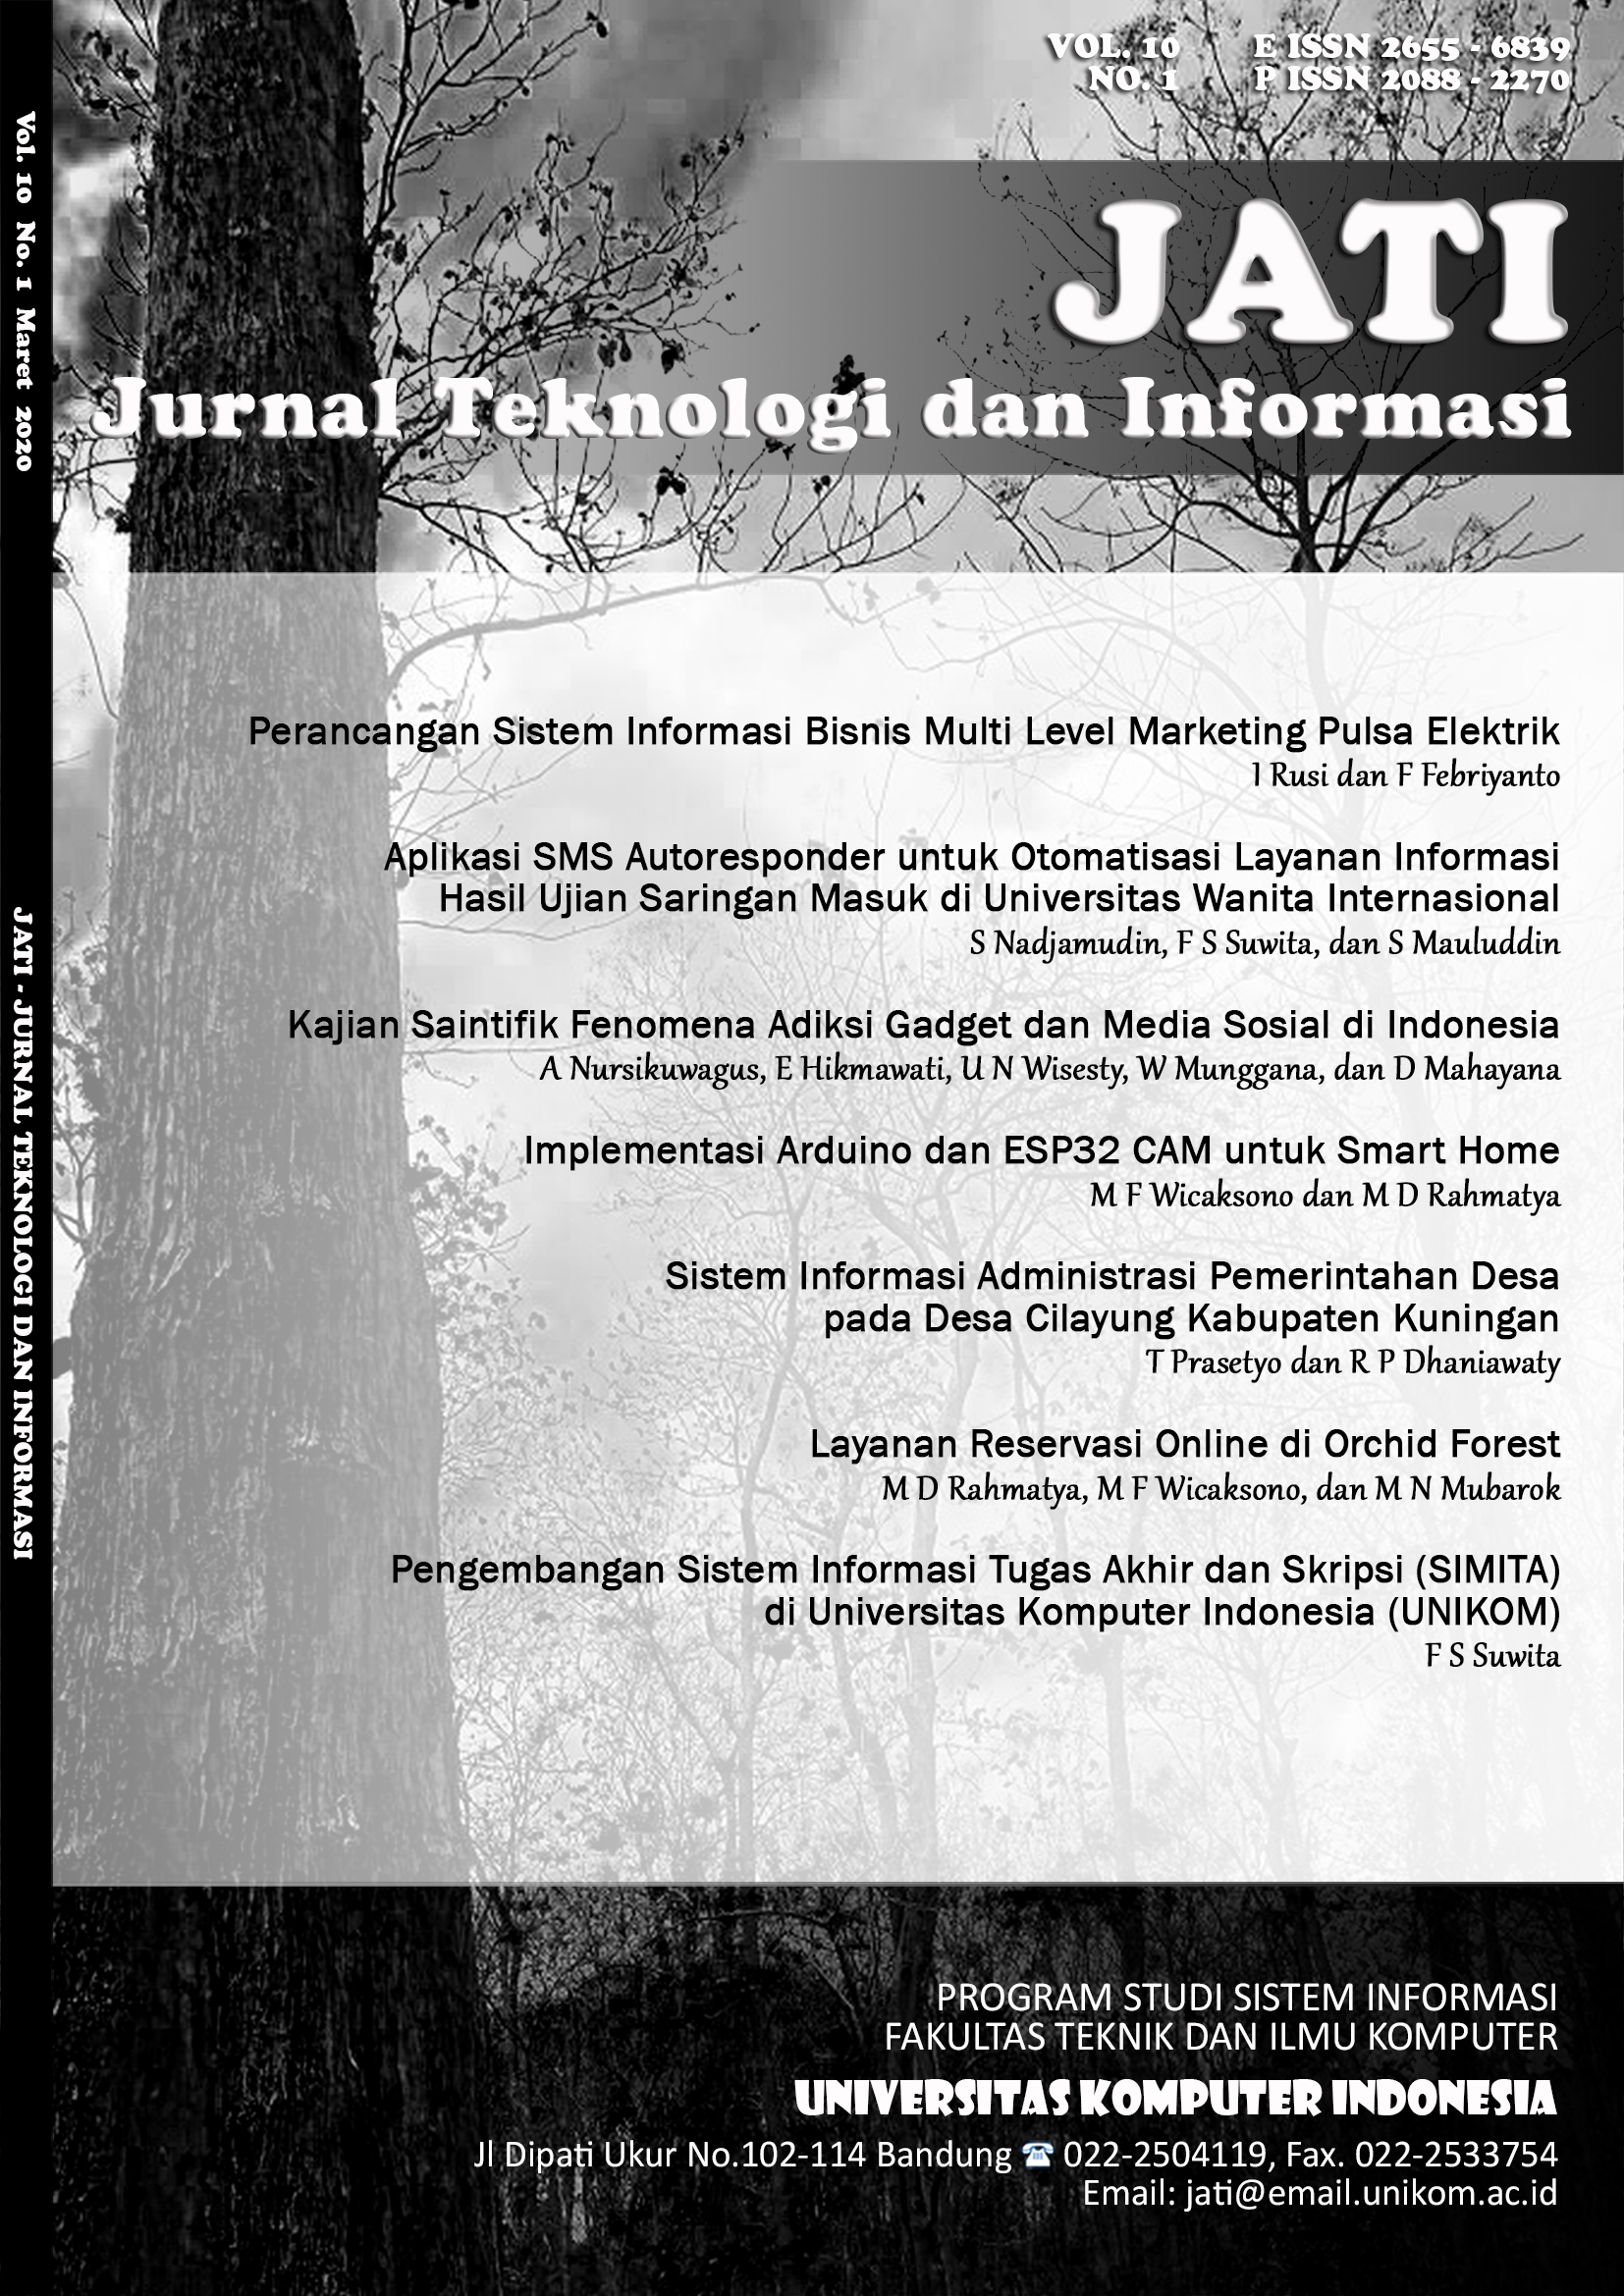 Jurnal Teknologi Dan Informasi Jati